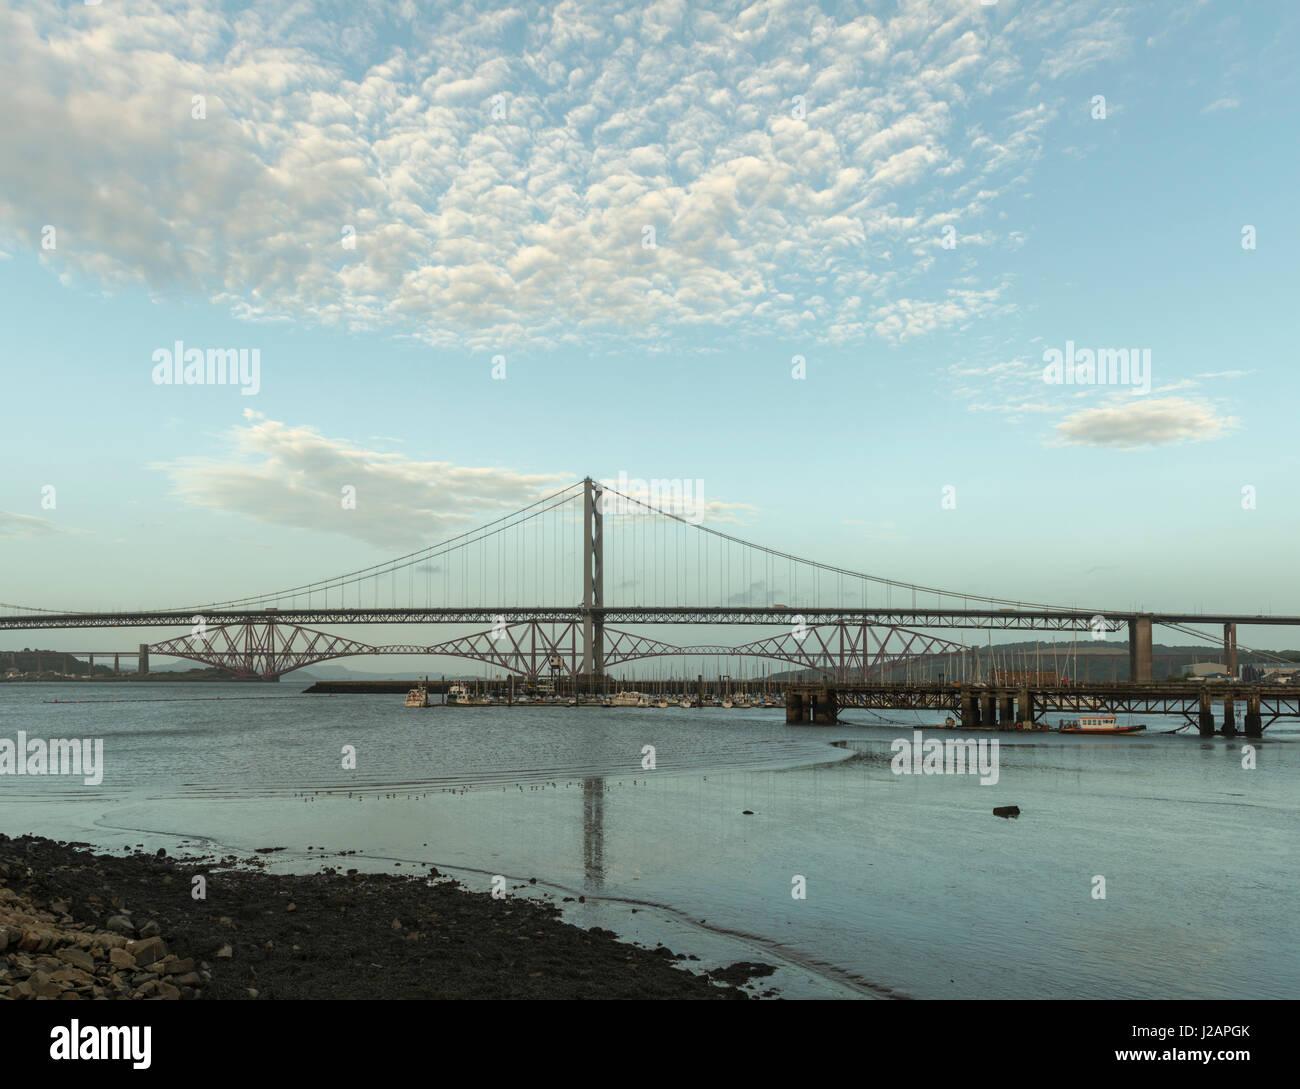 Forth bridges de Port Edgar, Queensferry, Lothian, Ecosse, Royaume-Uni Banque D'Images